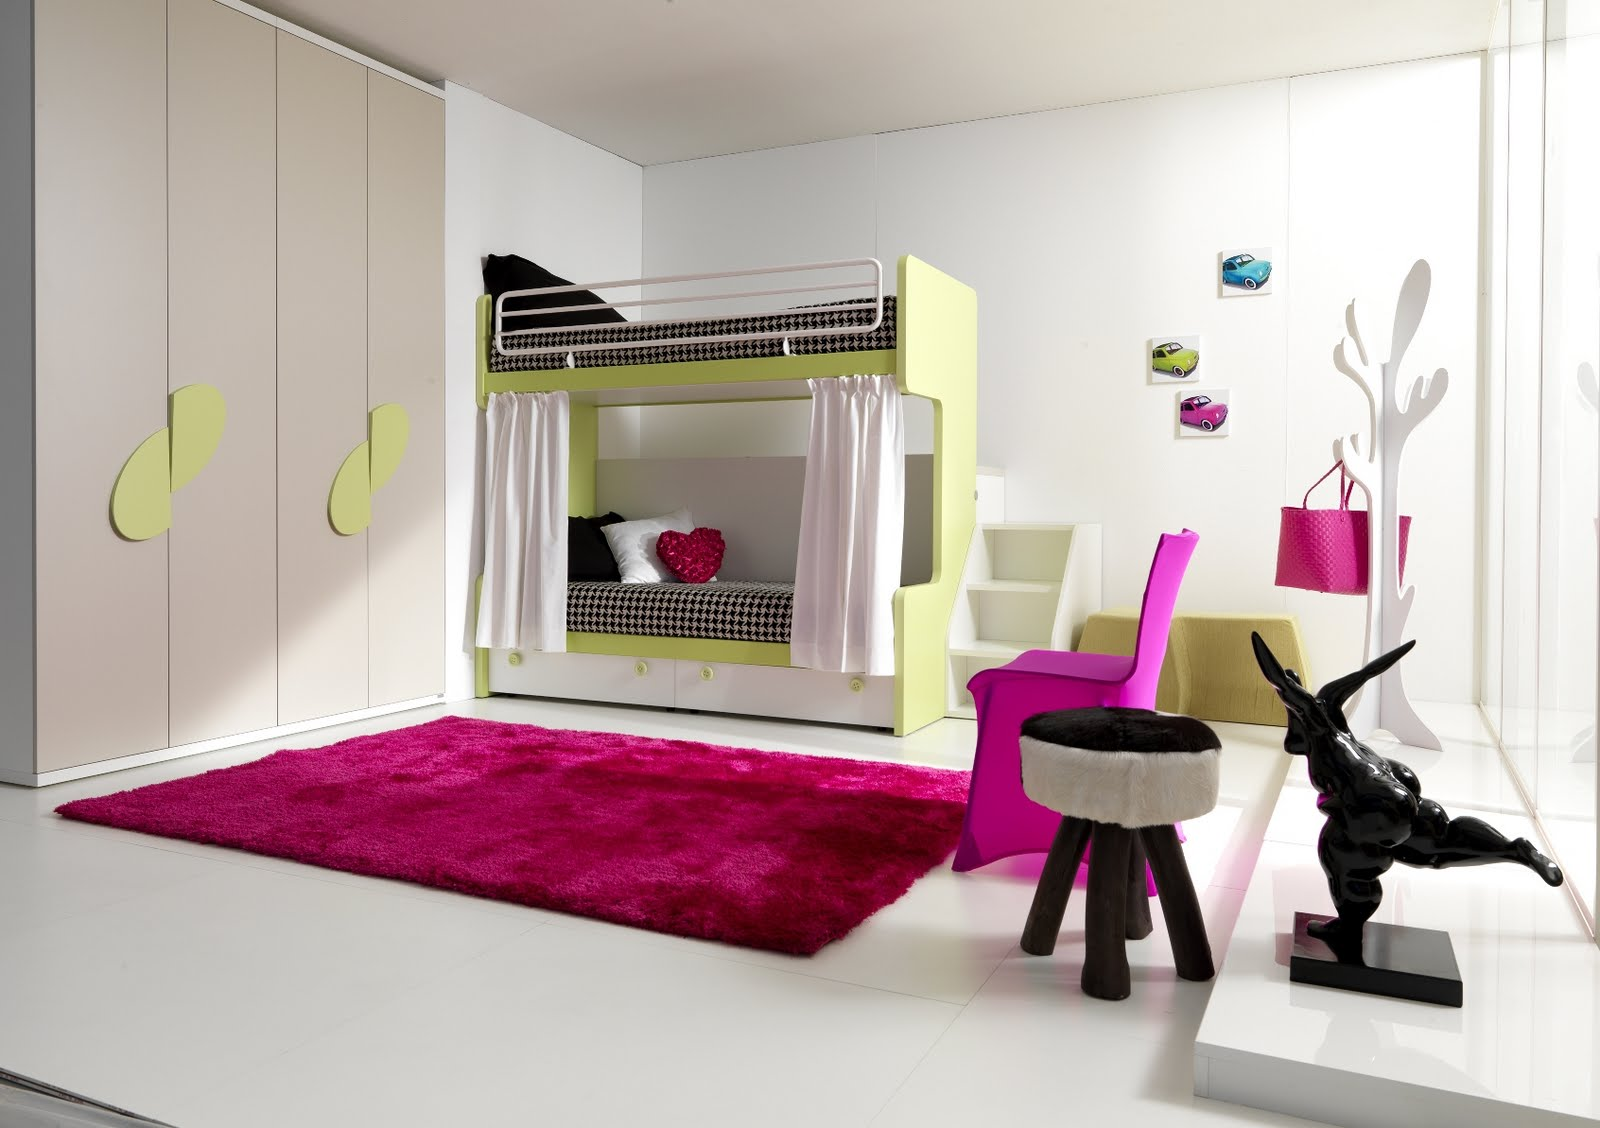 Bonetti camerette bonetti bedrooms settembre 2011 - Organizzare camera da letto ...